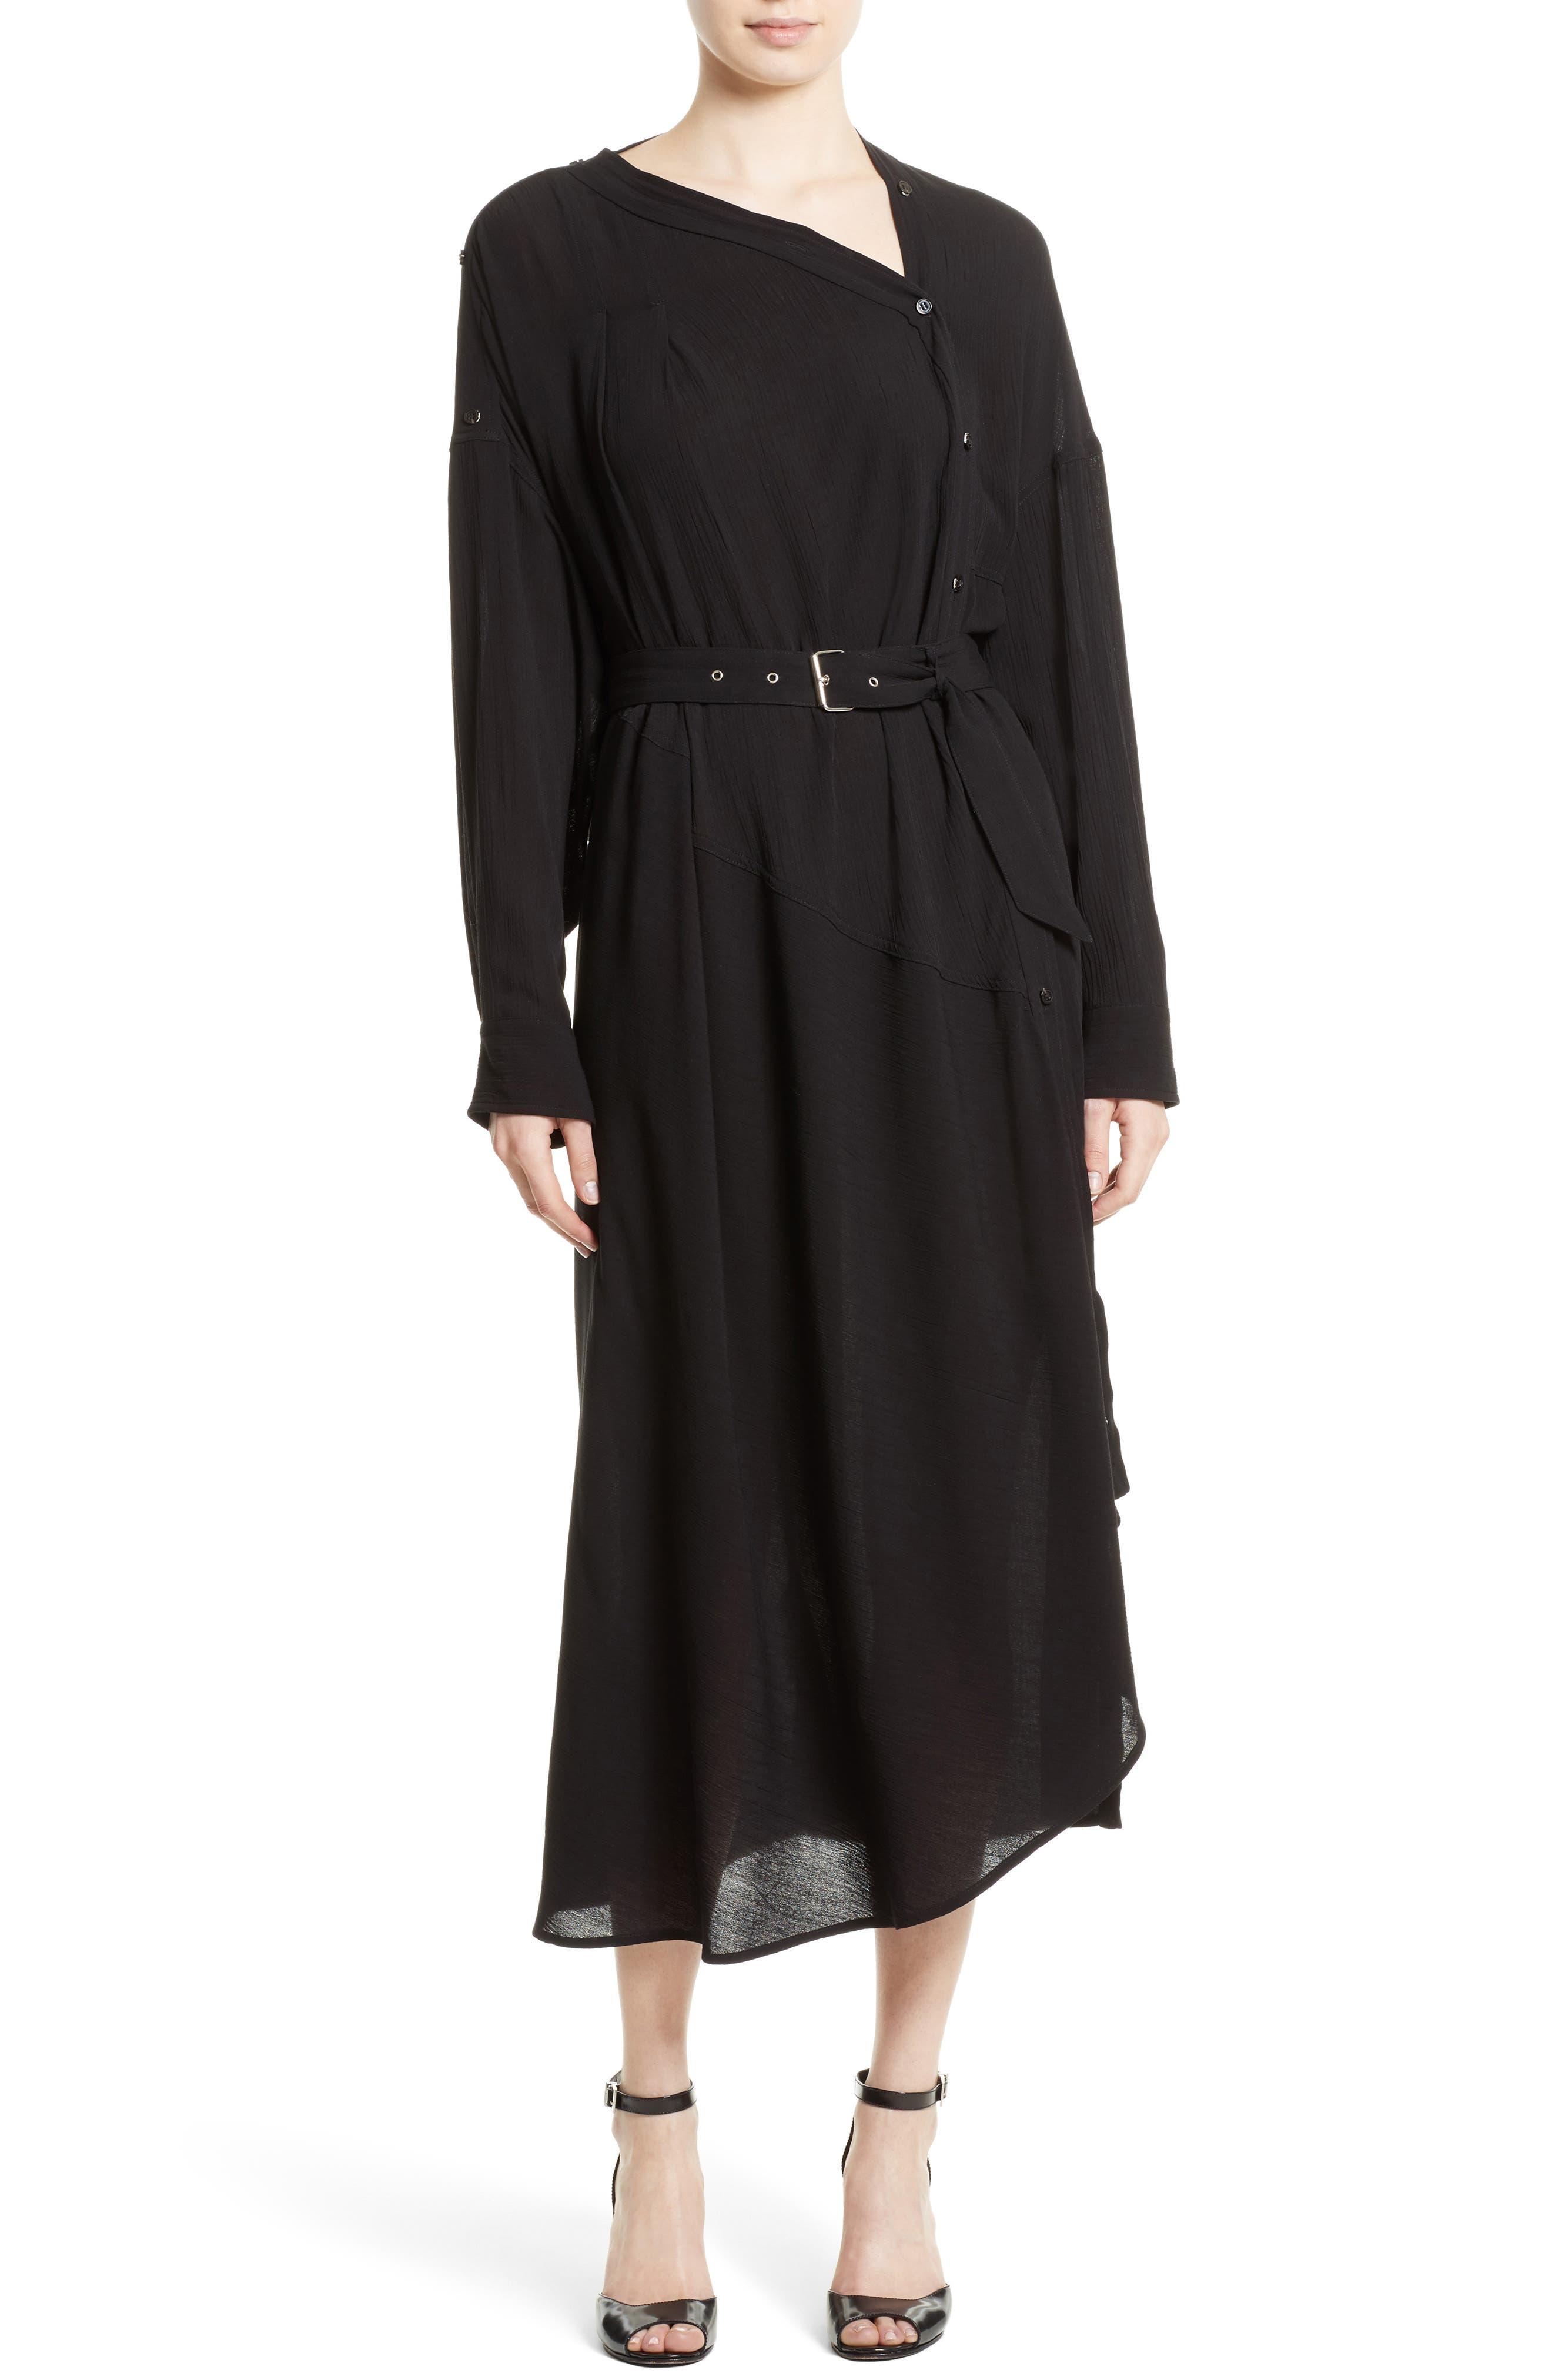 Rachel Comey Welcome Midi Dress